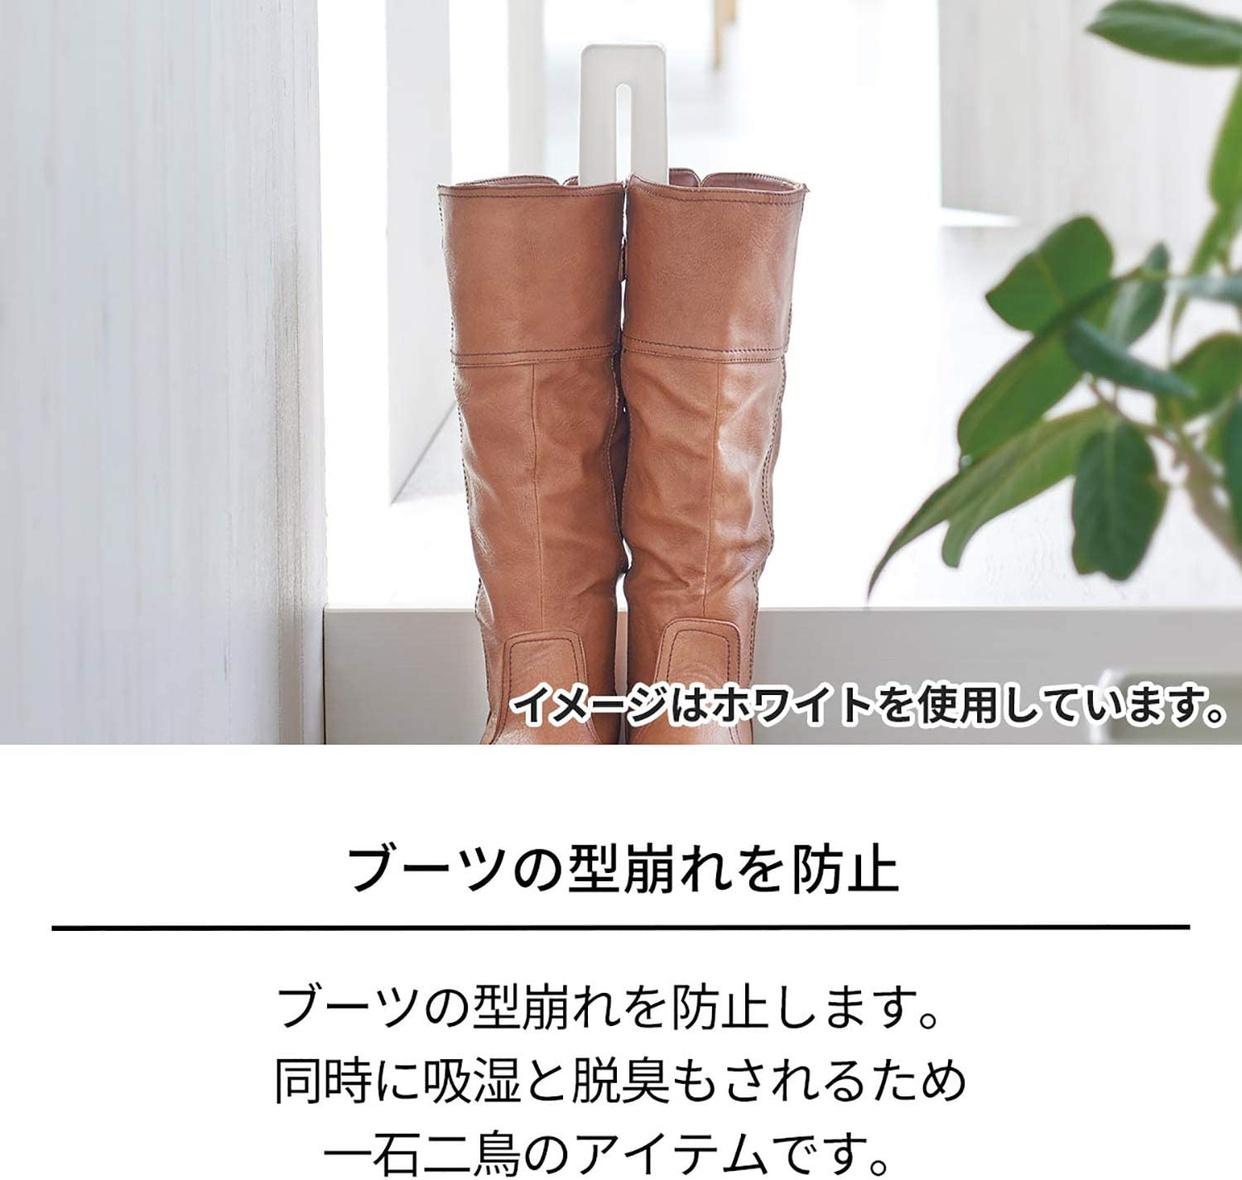 天馬(プロフィックス) 珪藻土ドライ&ケア ブーツクリップの商品画像5